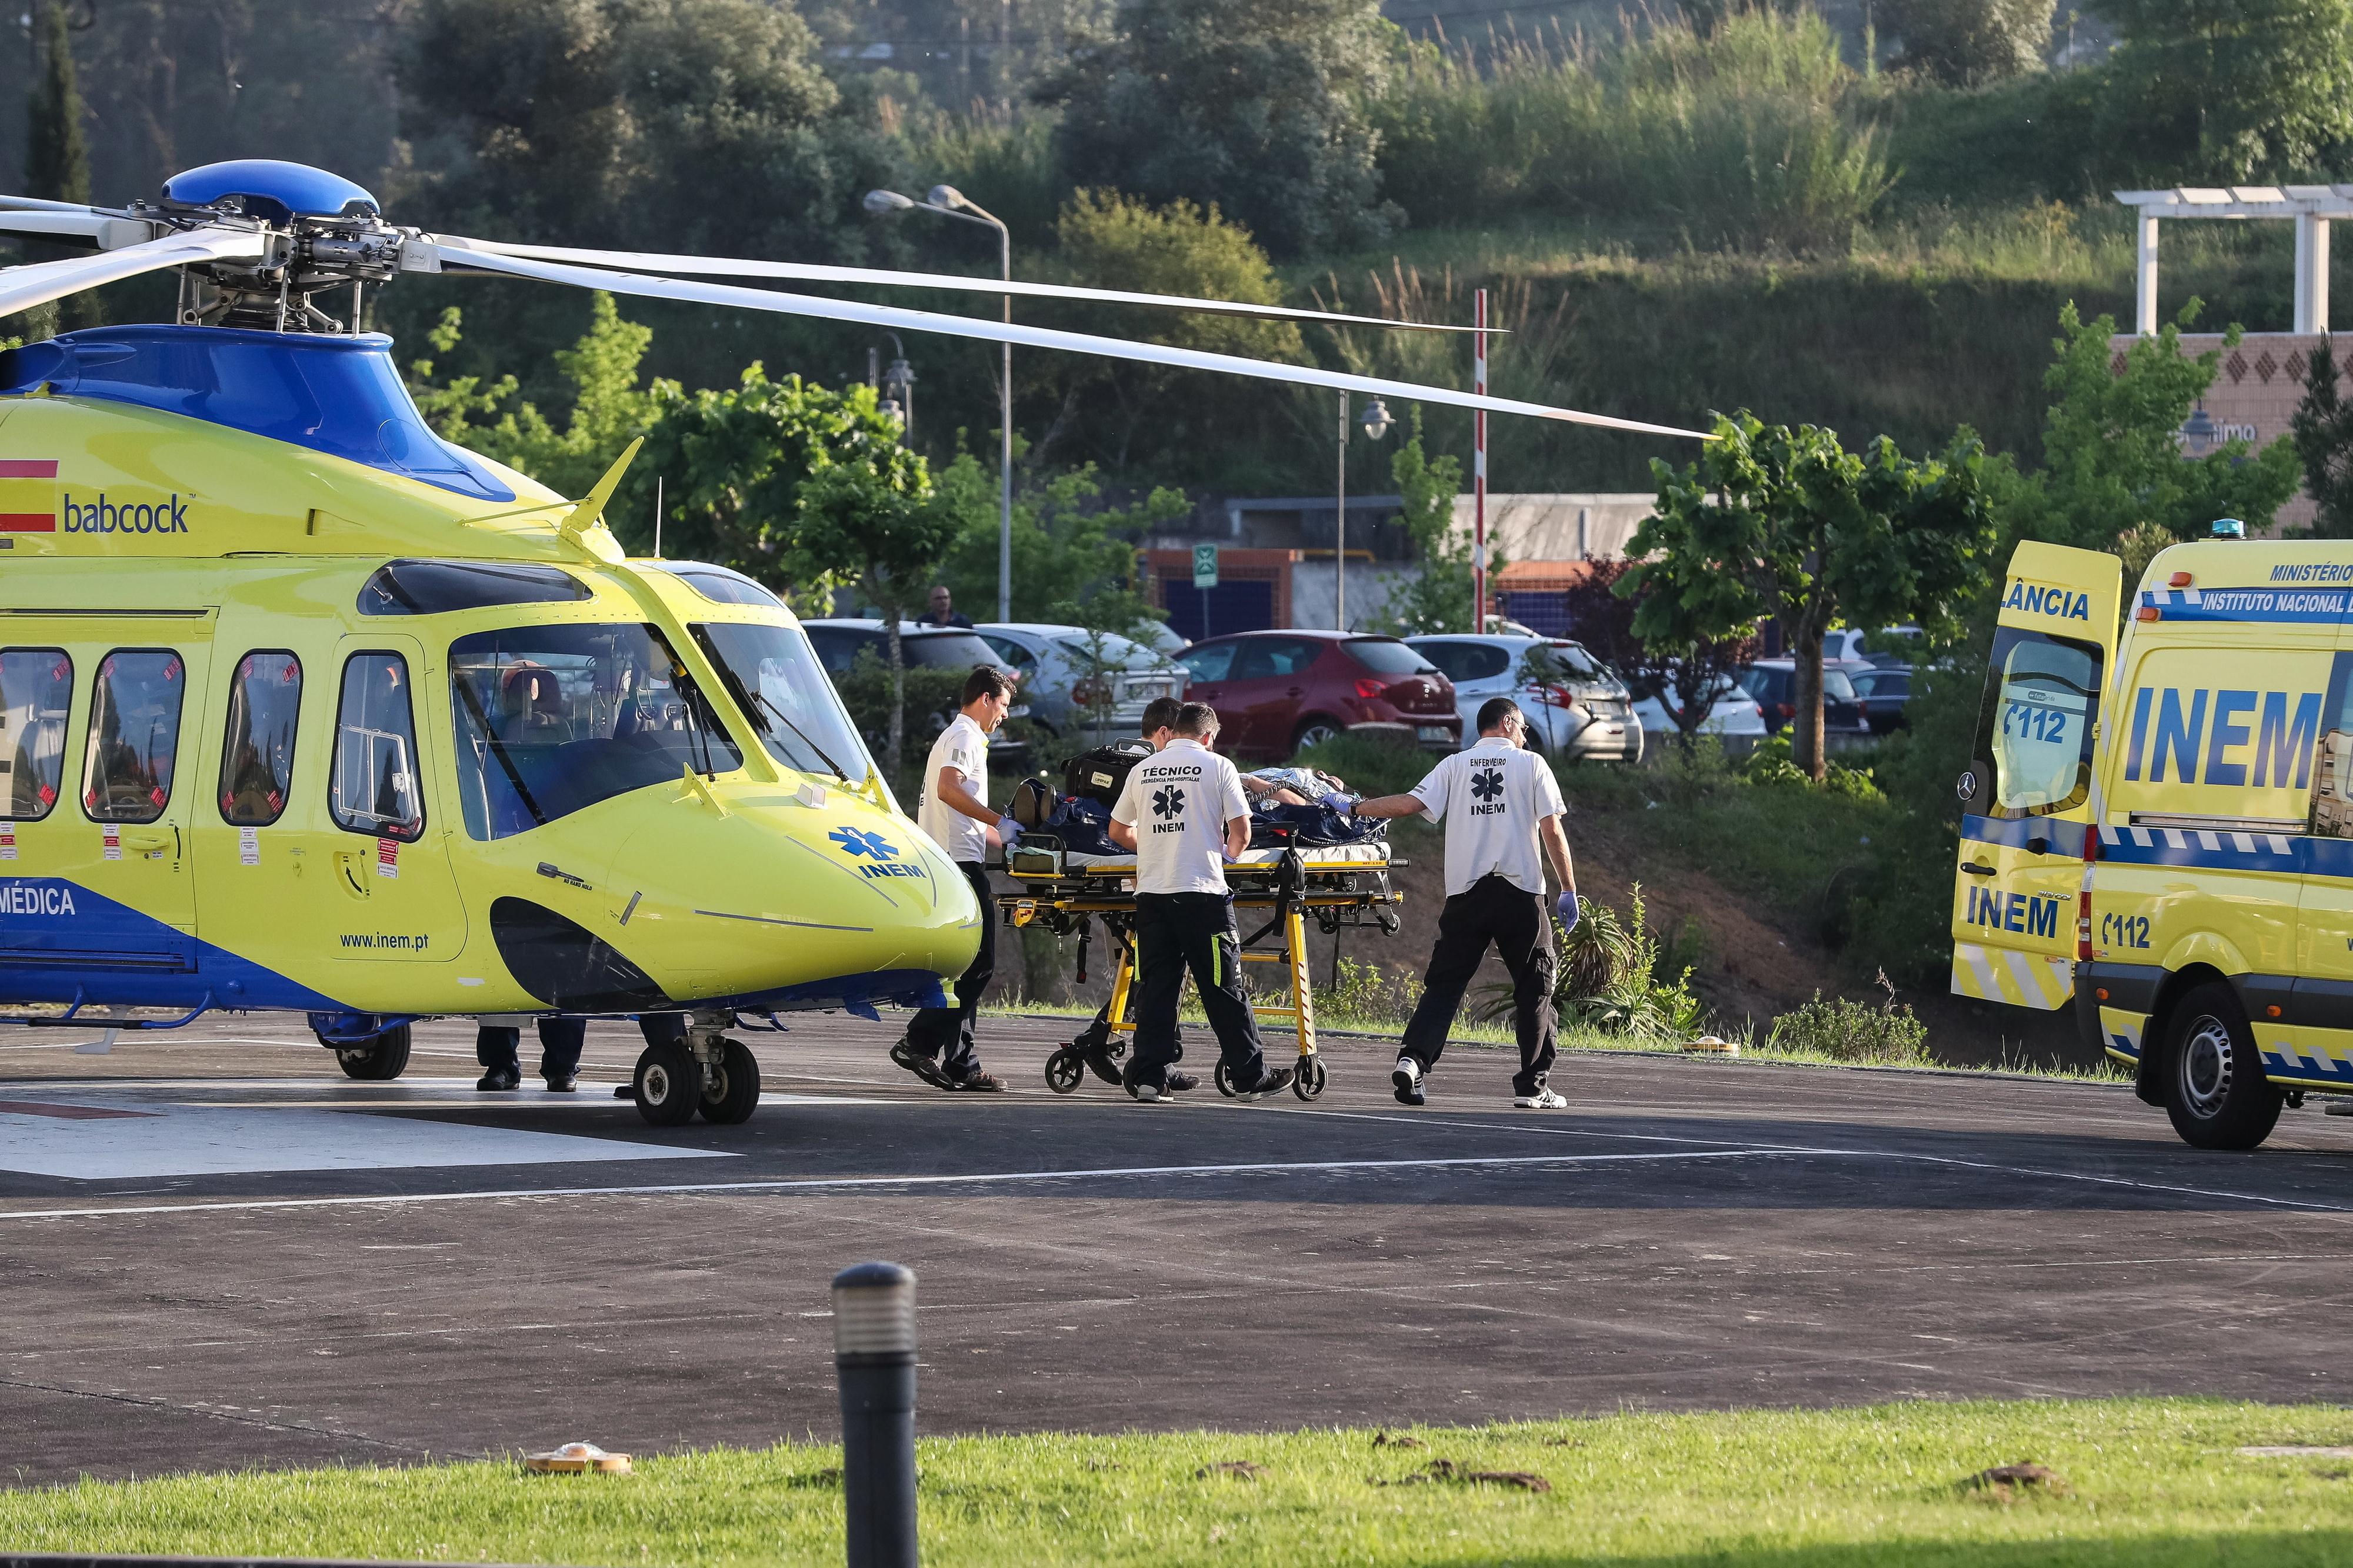 Homem de Chaves com queimaduras graves fez 100 quilómetros de ambulância para apanhar helicóptero